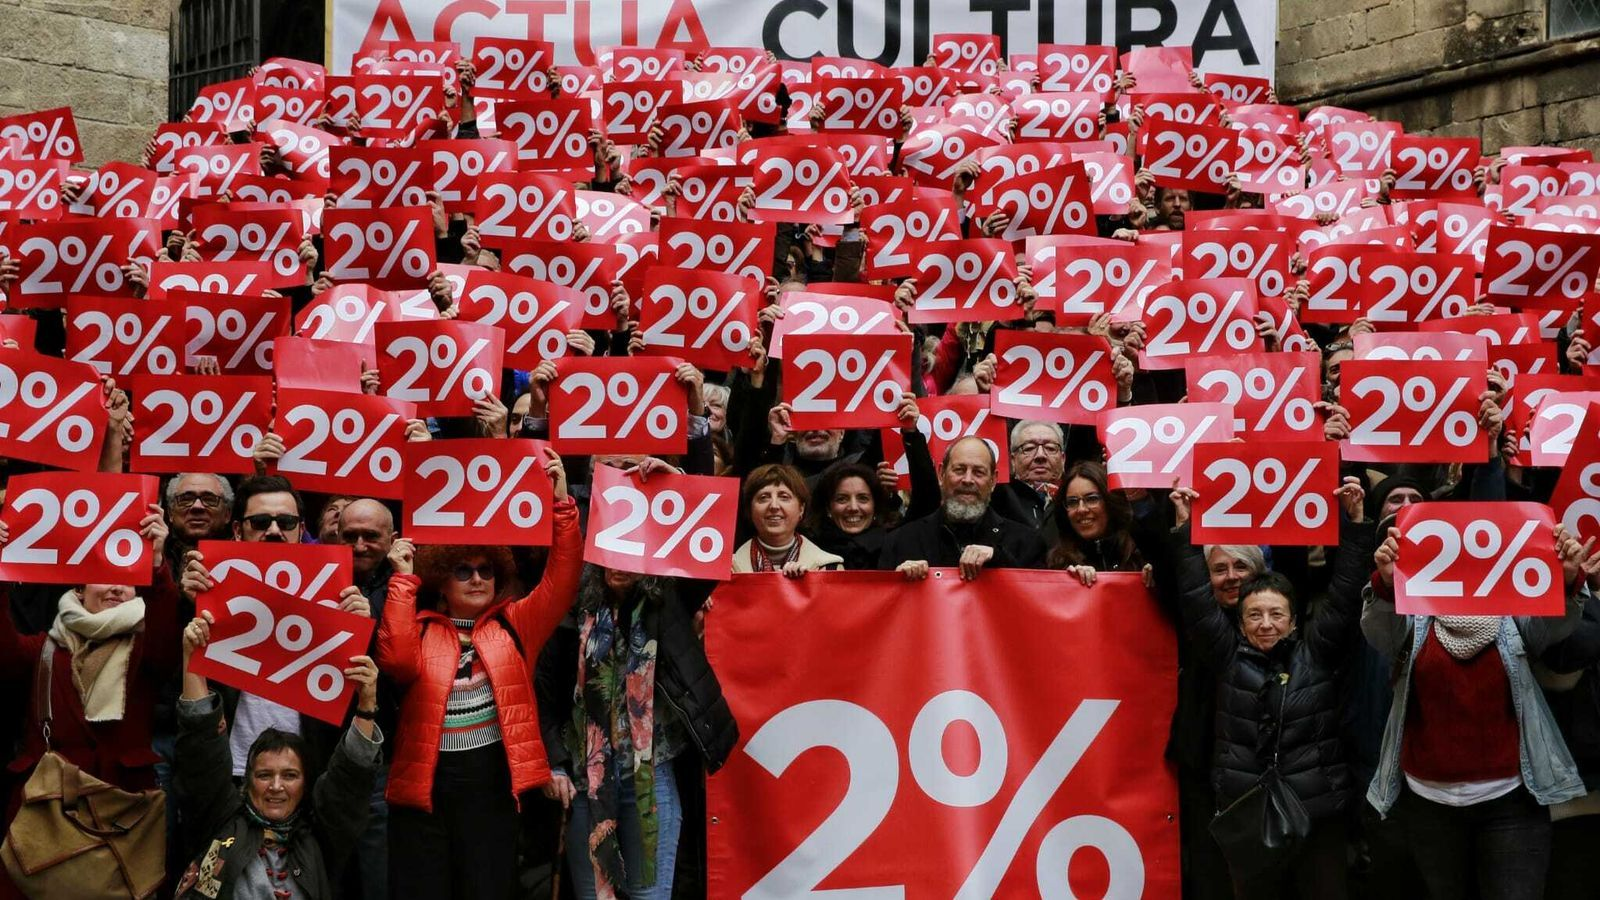 Uma imatge de l'acció de protesta de la plataforma Actua cultura a la plaça del Rei de Barcelona